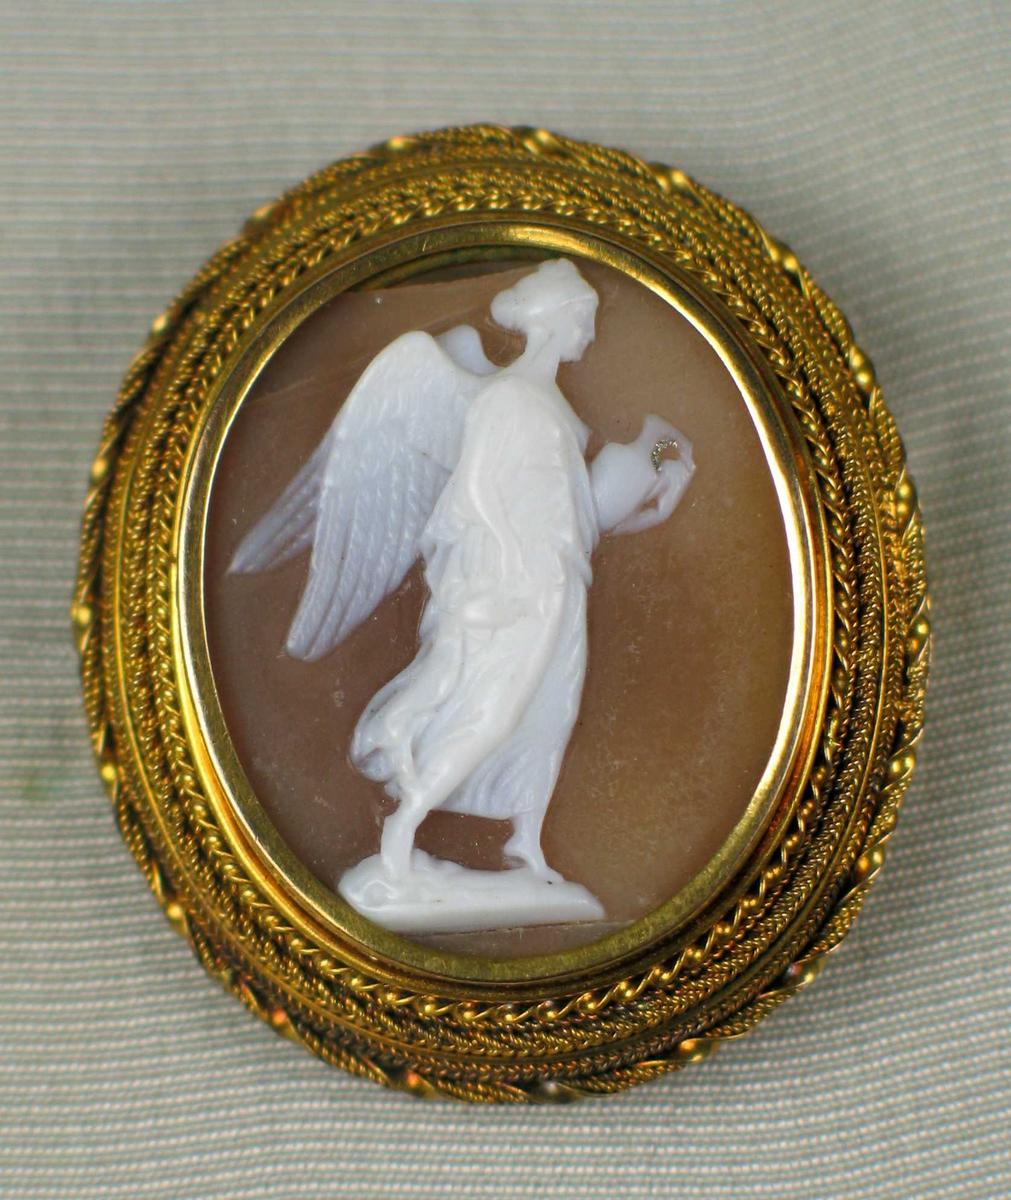 Kamè/medaljong innfattet gull som består av sirlige filigransborder. I midten en utskåret hvit engel som bærer en krukke.